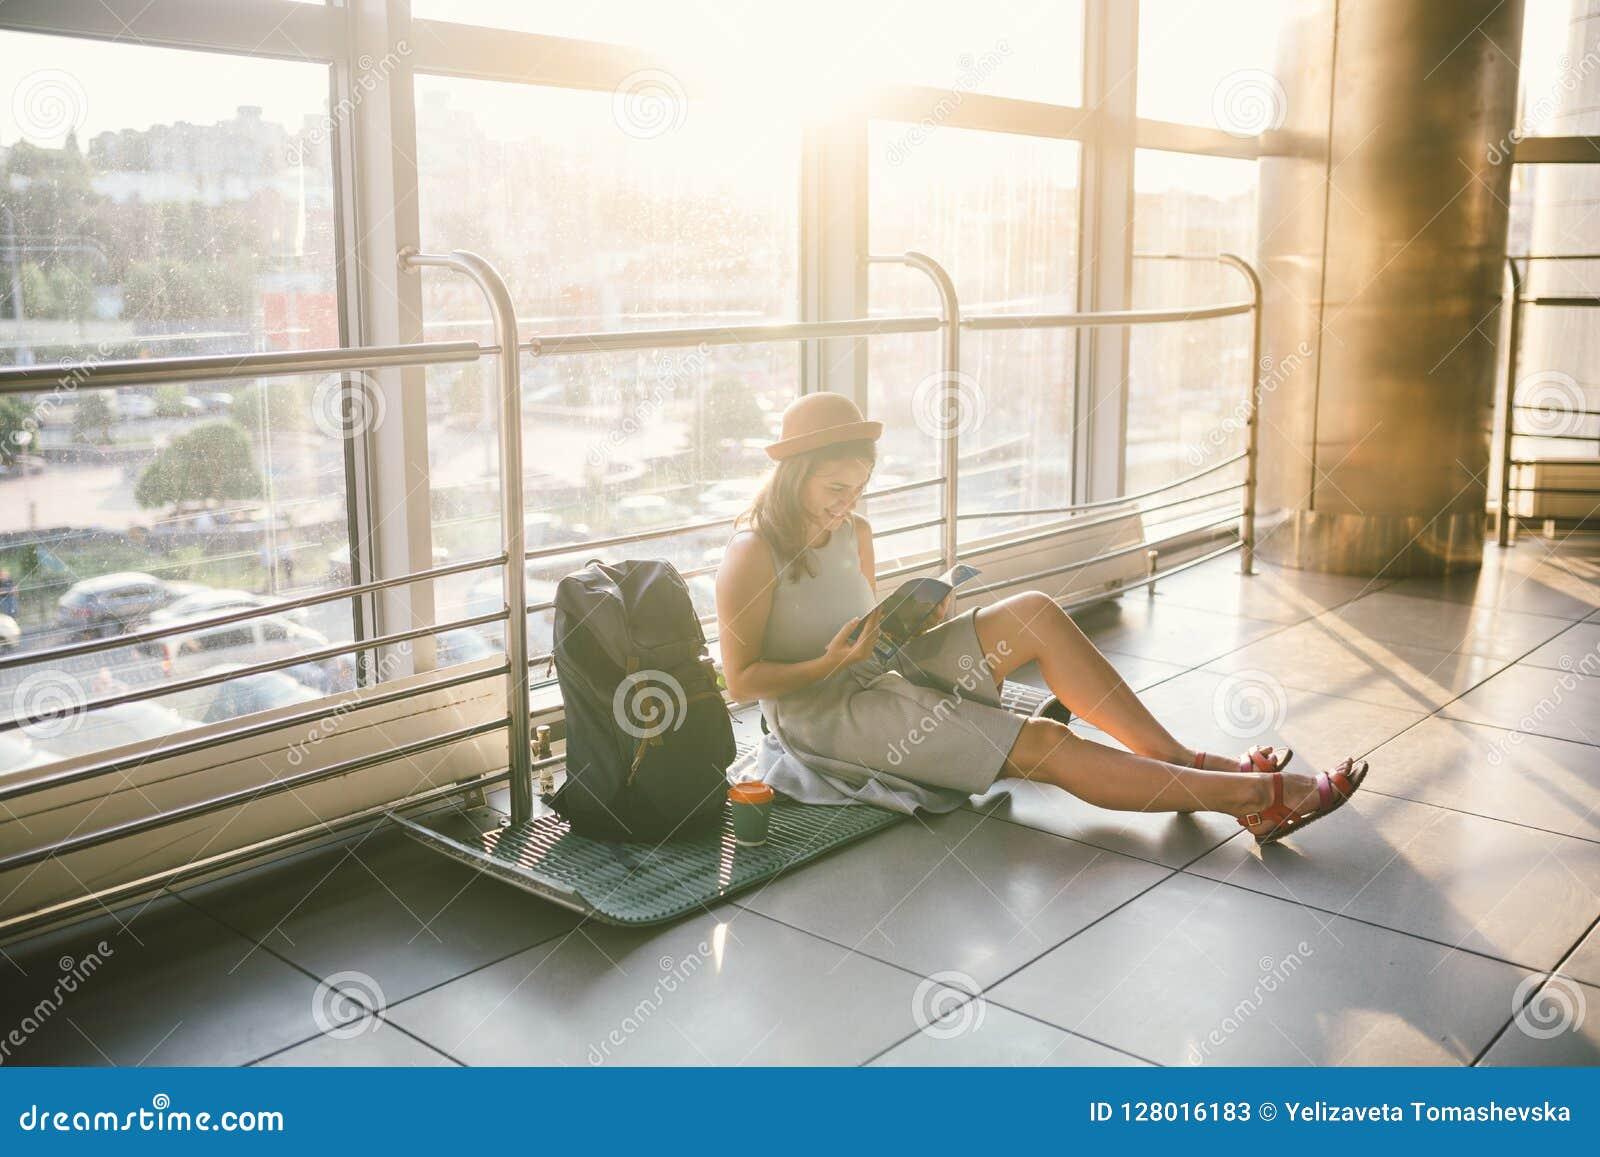 Vänta, försenad transport i terminalen av flygplatsen eller drevstation Den unga caucasian kvinnan i klänning och hatt sitter på